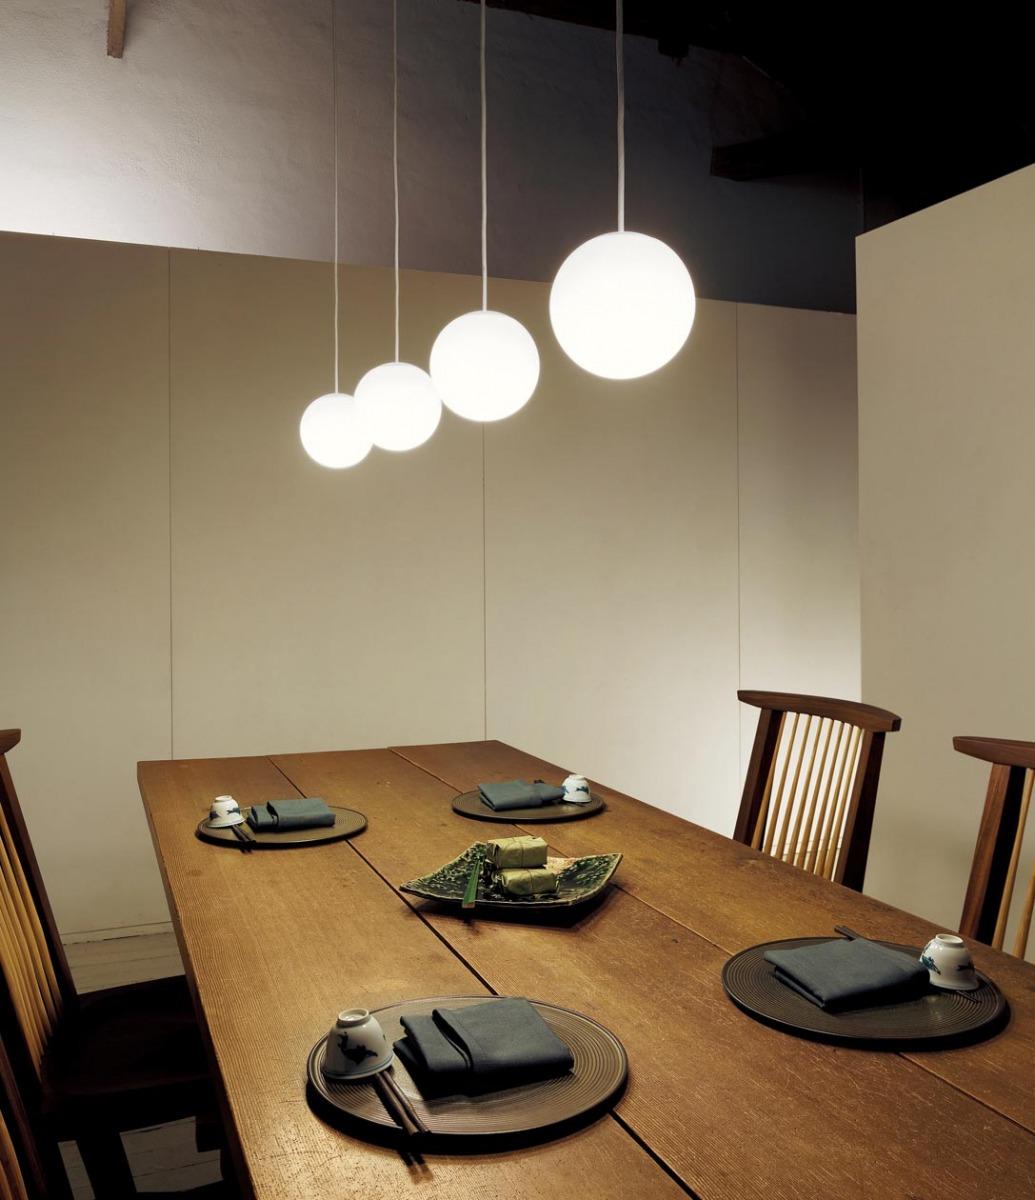 パナソニックPanasonic【ペンダントライトLGB19231BZ引掛シーリング方式電球色ブラックタイプLサイズ光の球スフィア60形電球2灯器具相当】